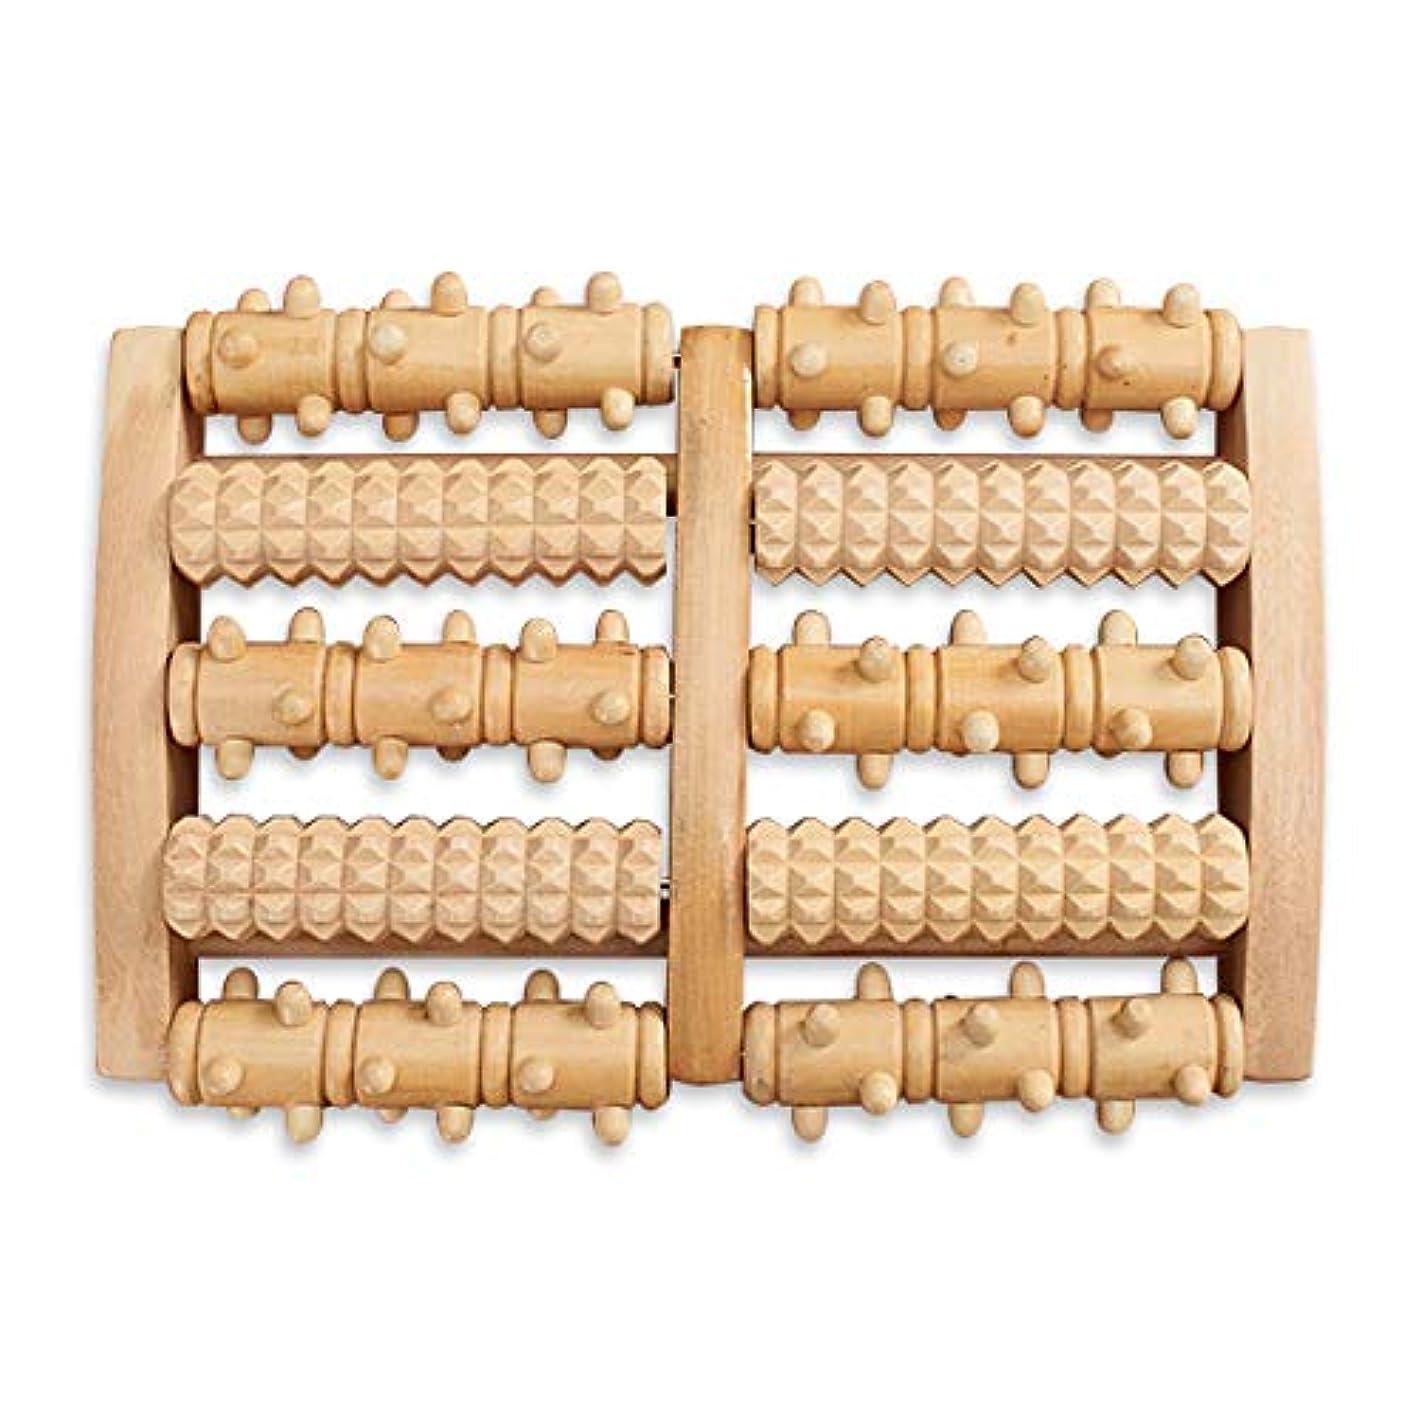 徴収アベニューハチHAMILO フットローラー フットマッサージ器 足ツボ押し器 回転 木製 足裏 足つぼ 按摩 (ナチュラルウッド)